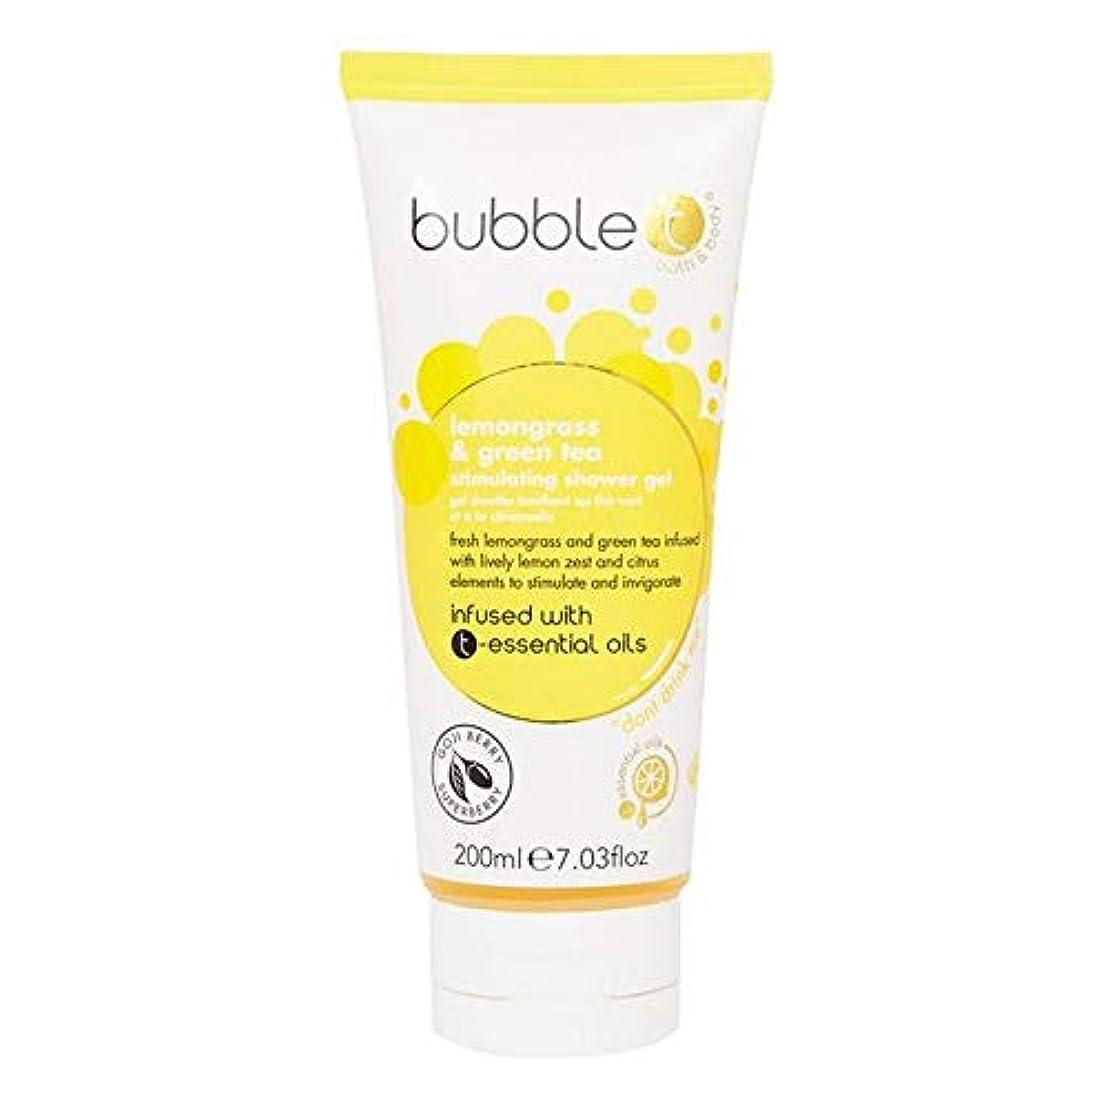 聴くアラート遺棄された[Bubble T ] バブルトン化粧品シャワージェル、レモングラス&緑茶200ミリリットル - Bubble T Cosmetics Shower Gel, Lemongrass & Green Tea 200ml [...